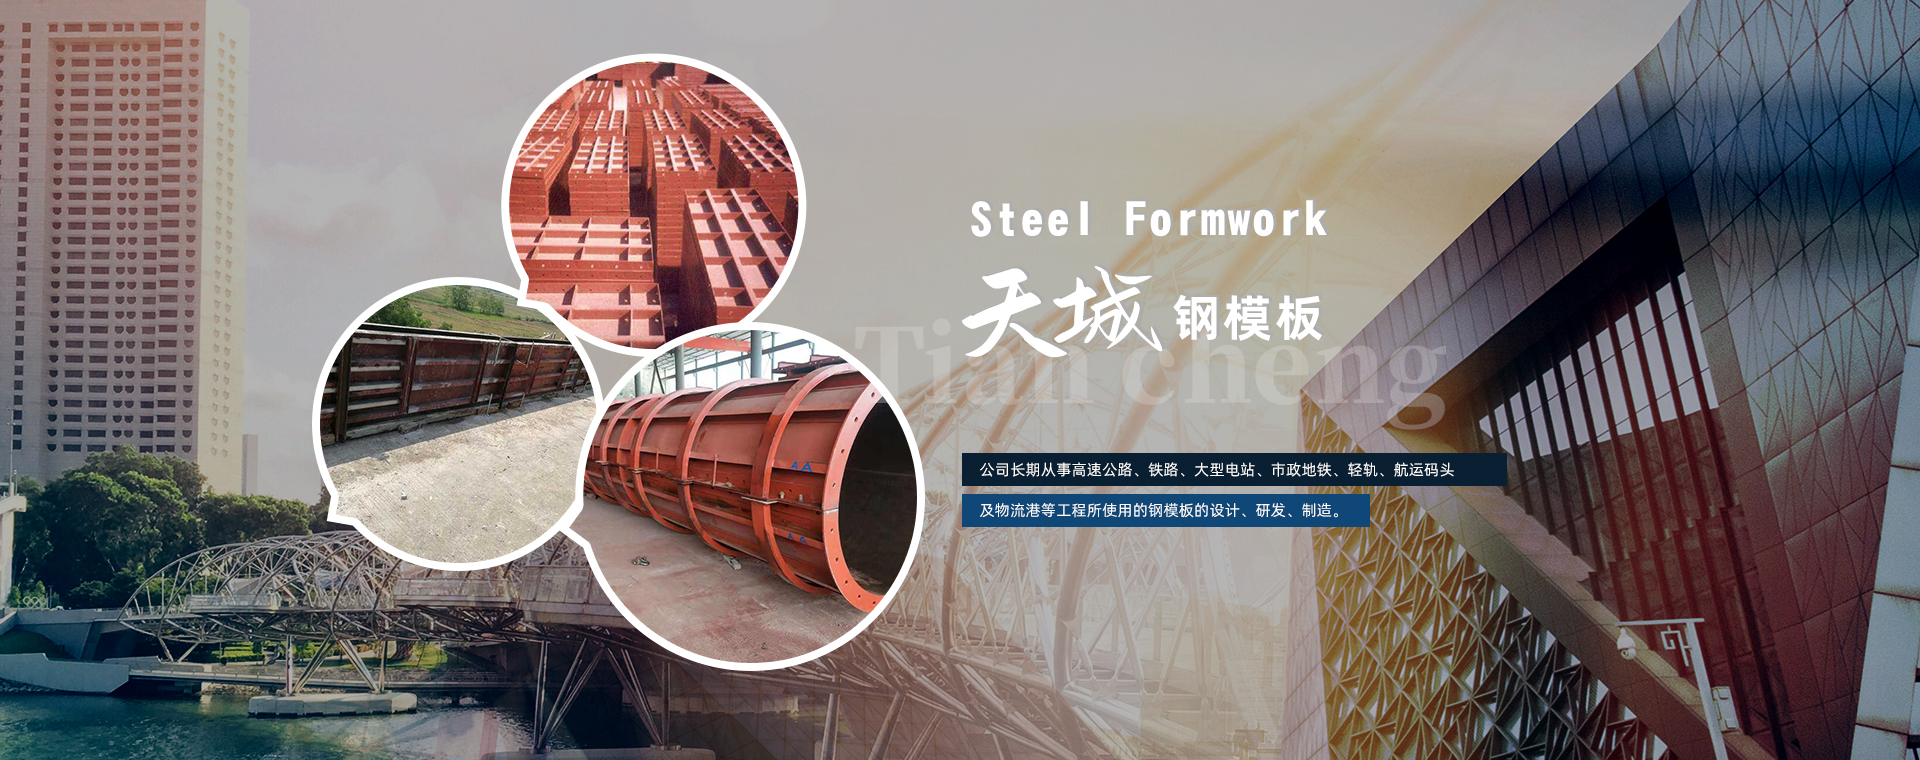 哈尔滨钢模板厂